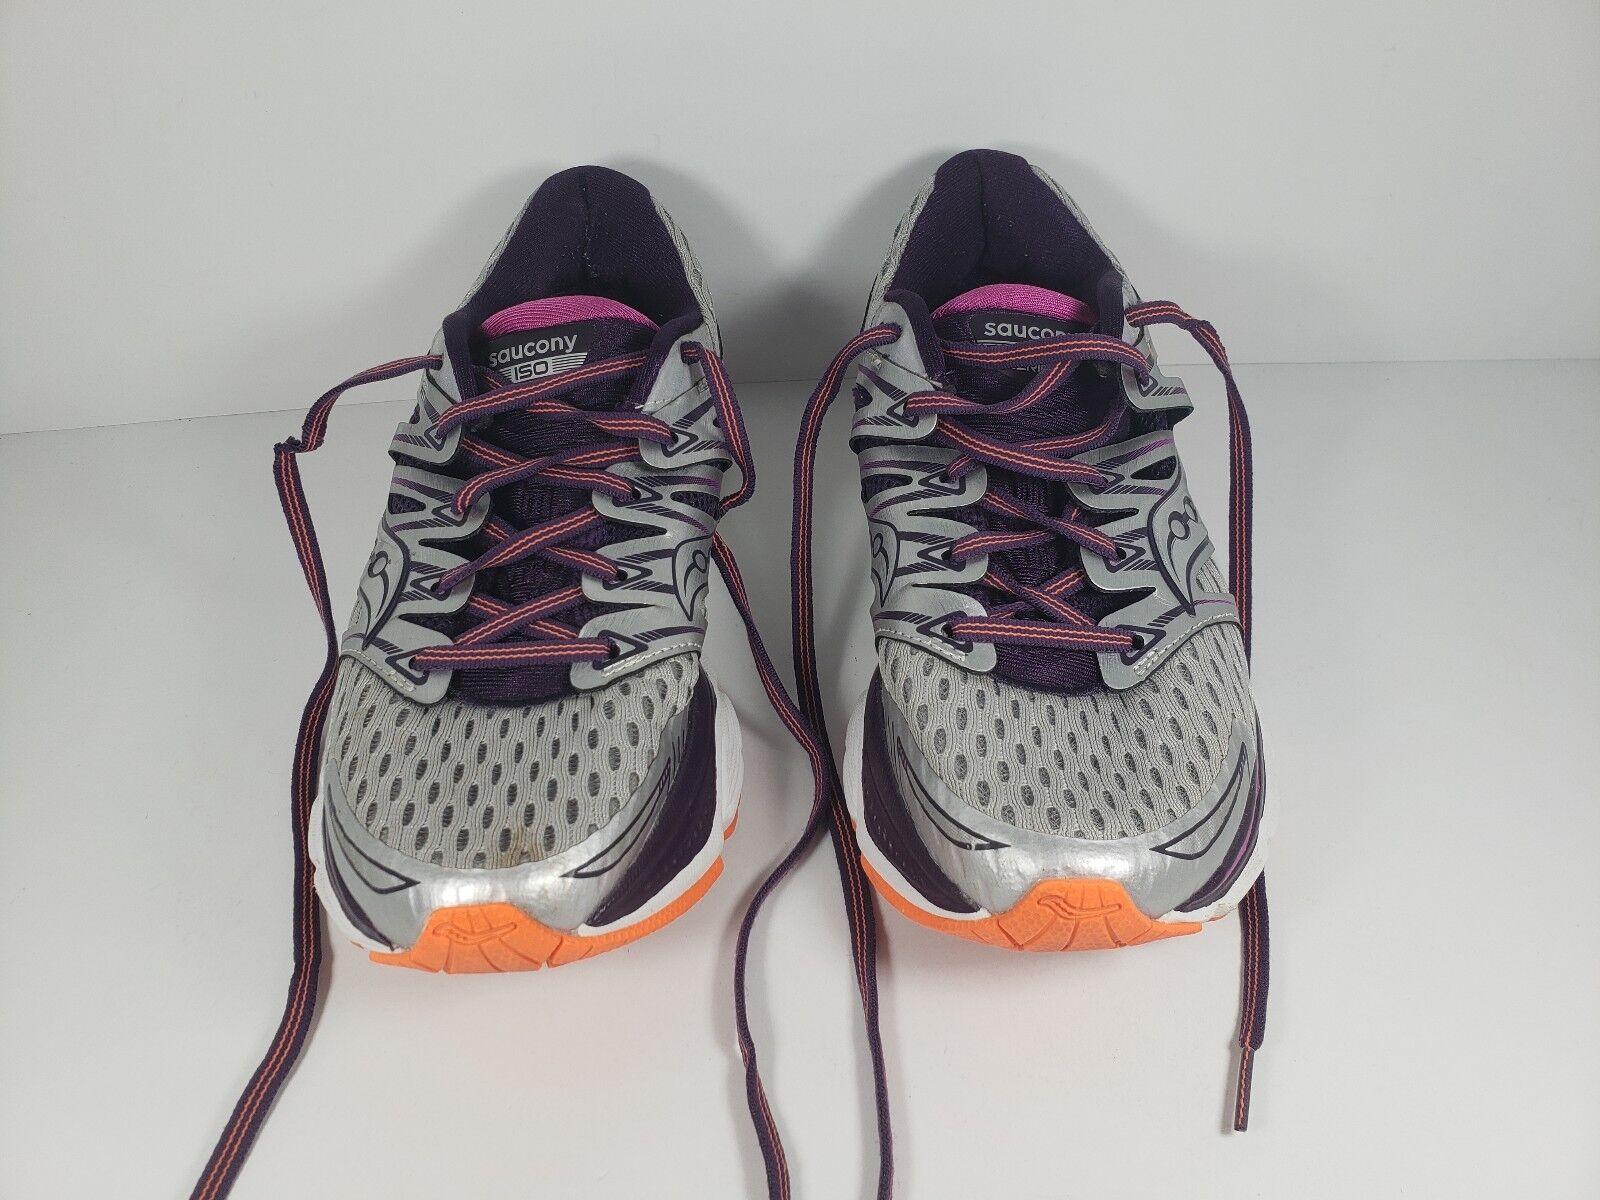 Saucony ISO Series PWR Triumph S10262-6 Women's shoes Sz 7 Purple Silver orange